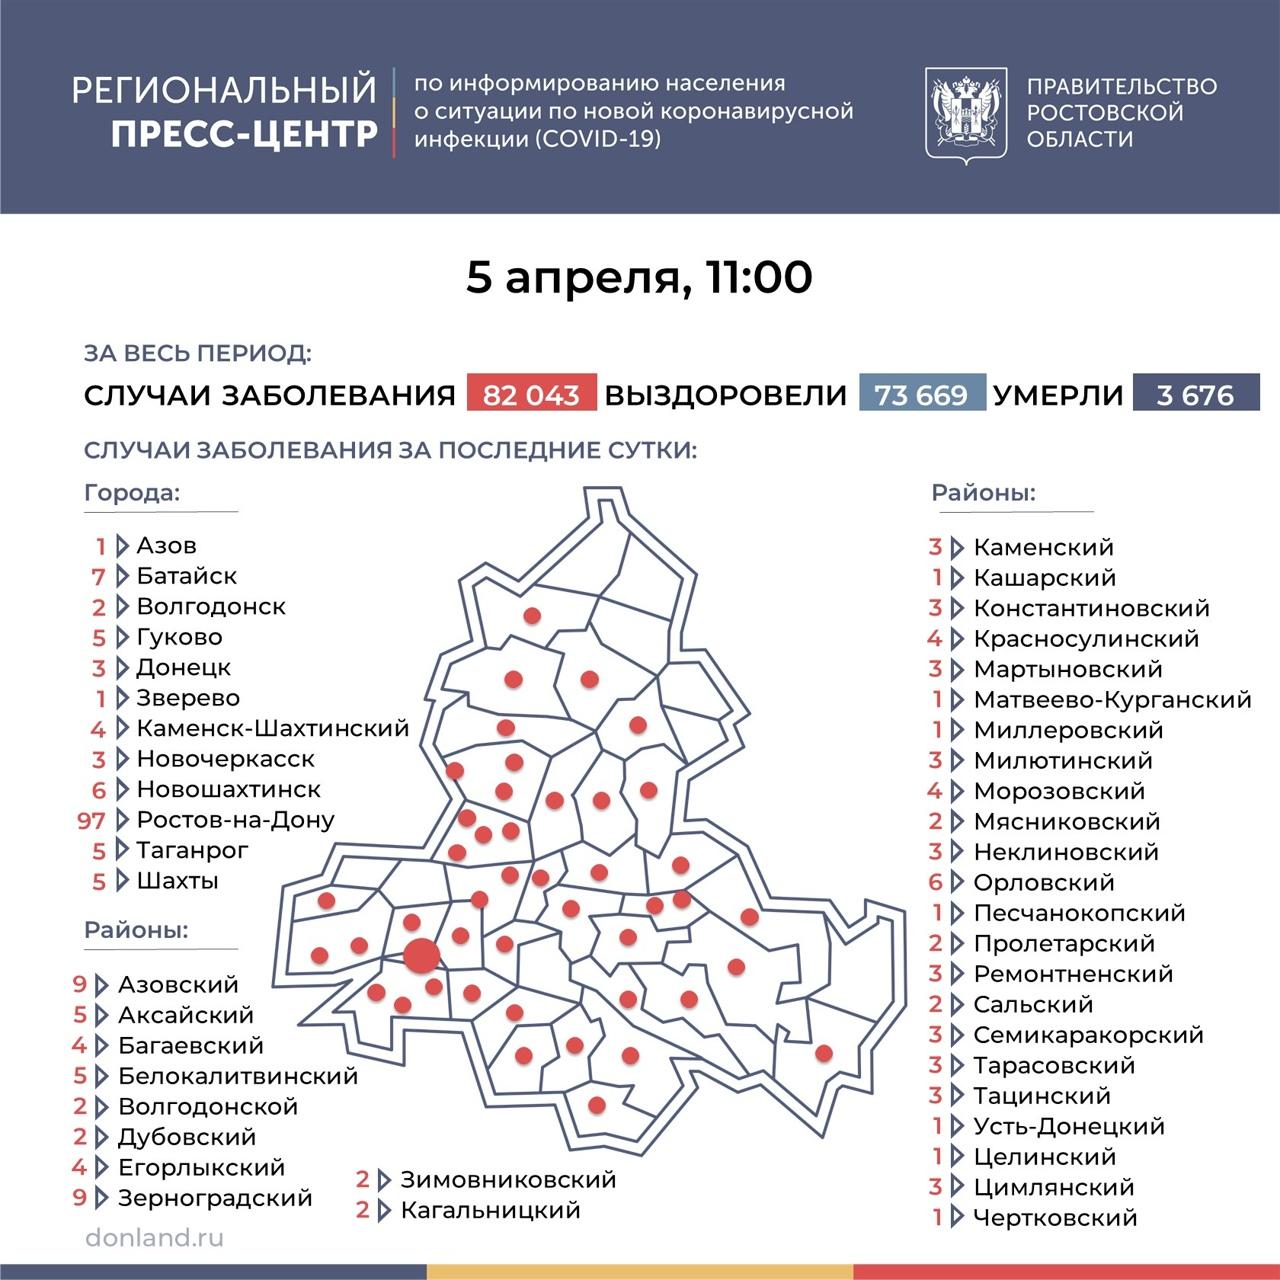 На Дону число инфицированных COVID-19 составляет 240, в Таганроге 5 новых случаев